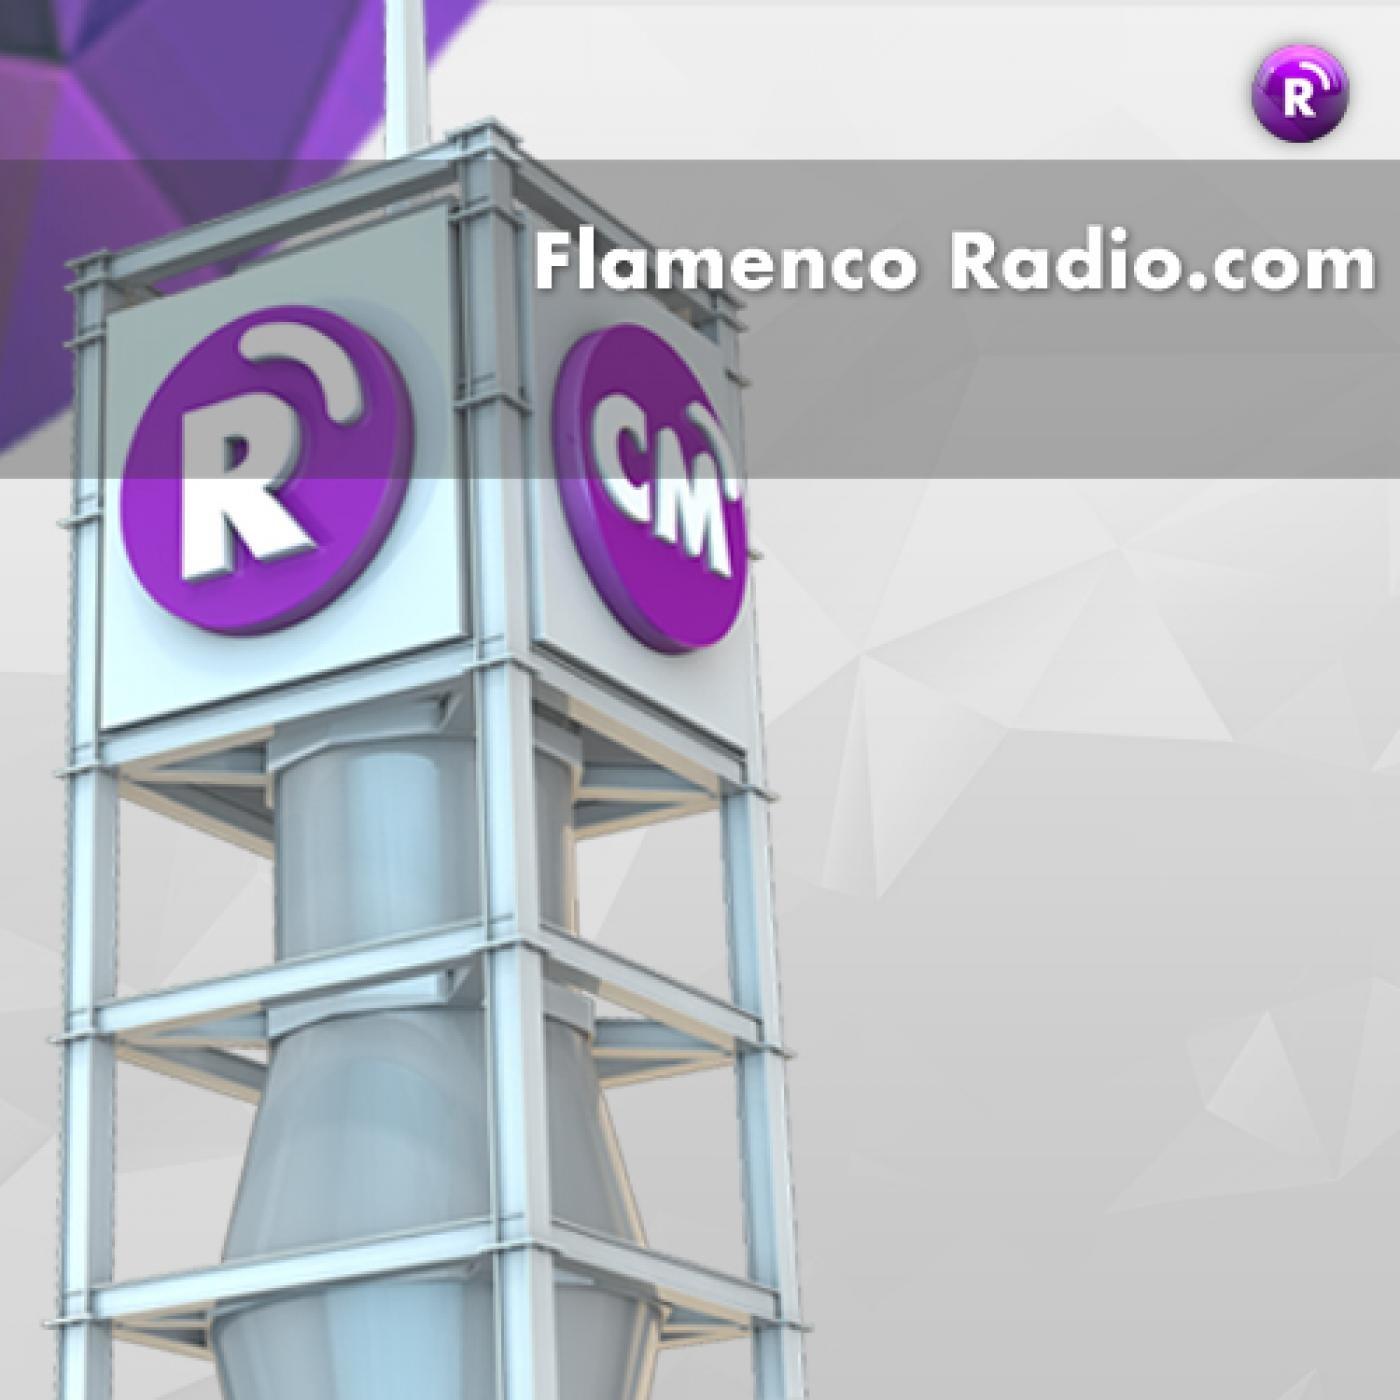 <![CDATA[Flamenco Radio.com]]>